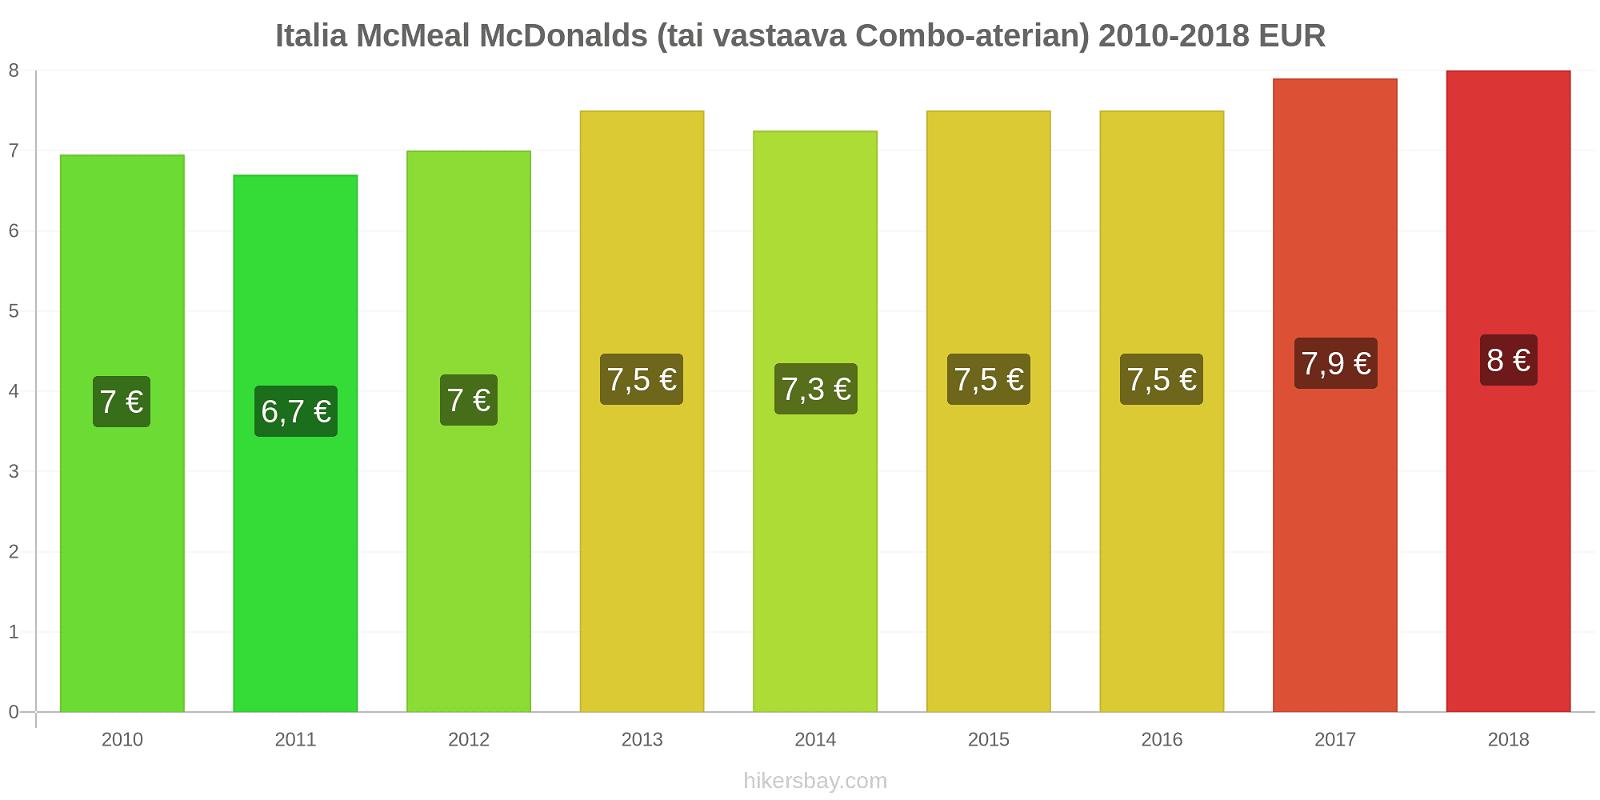 Italia hintojen muutokset McMeal McDonalds (tai vastaava Combo-aterian) hikersbay.com